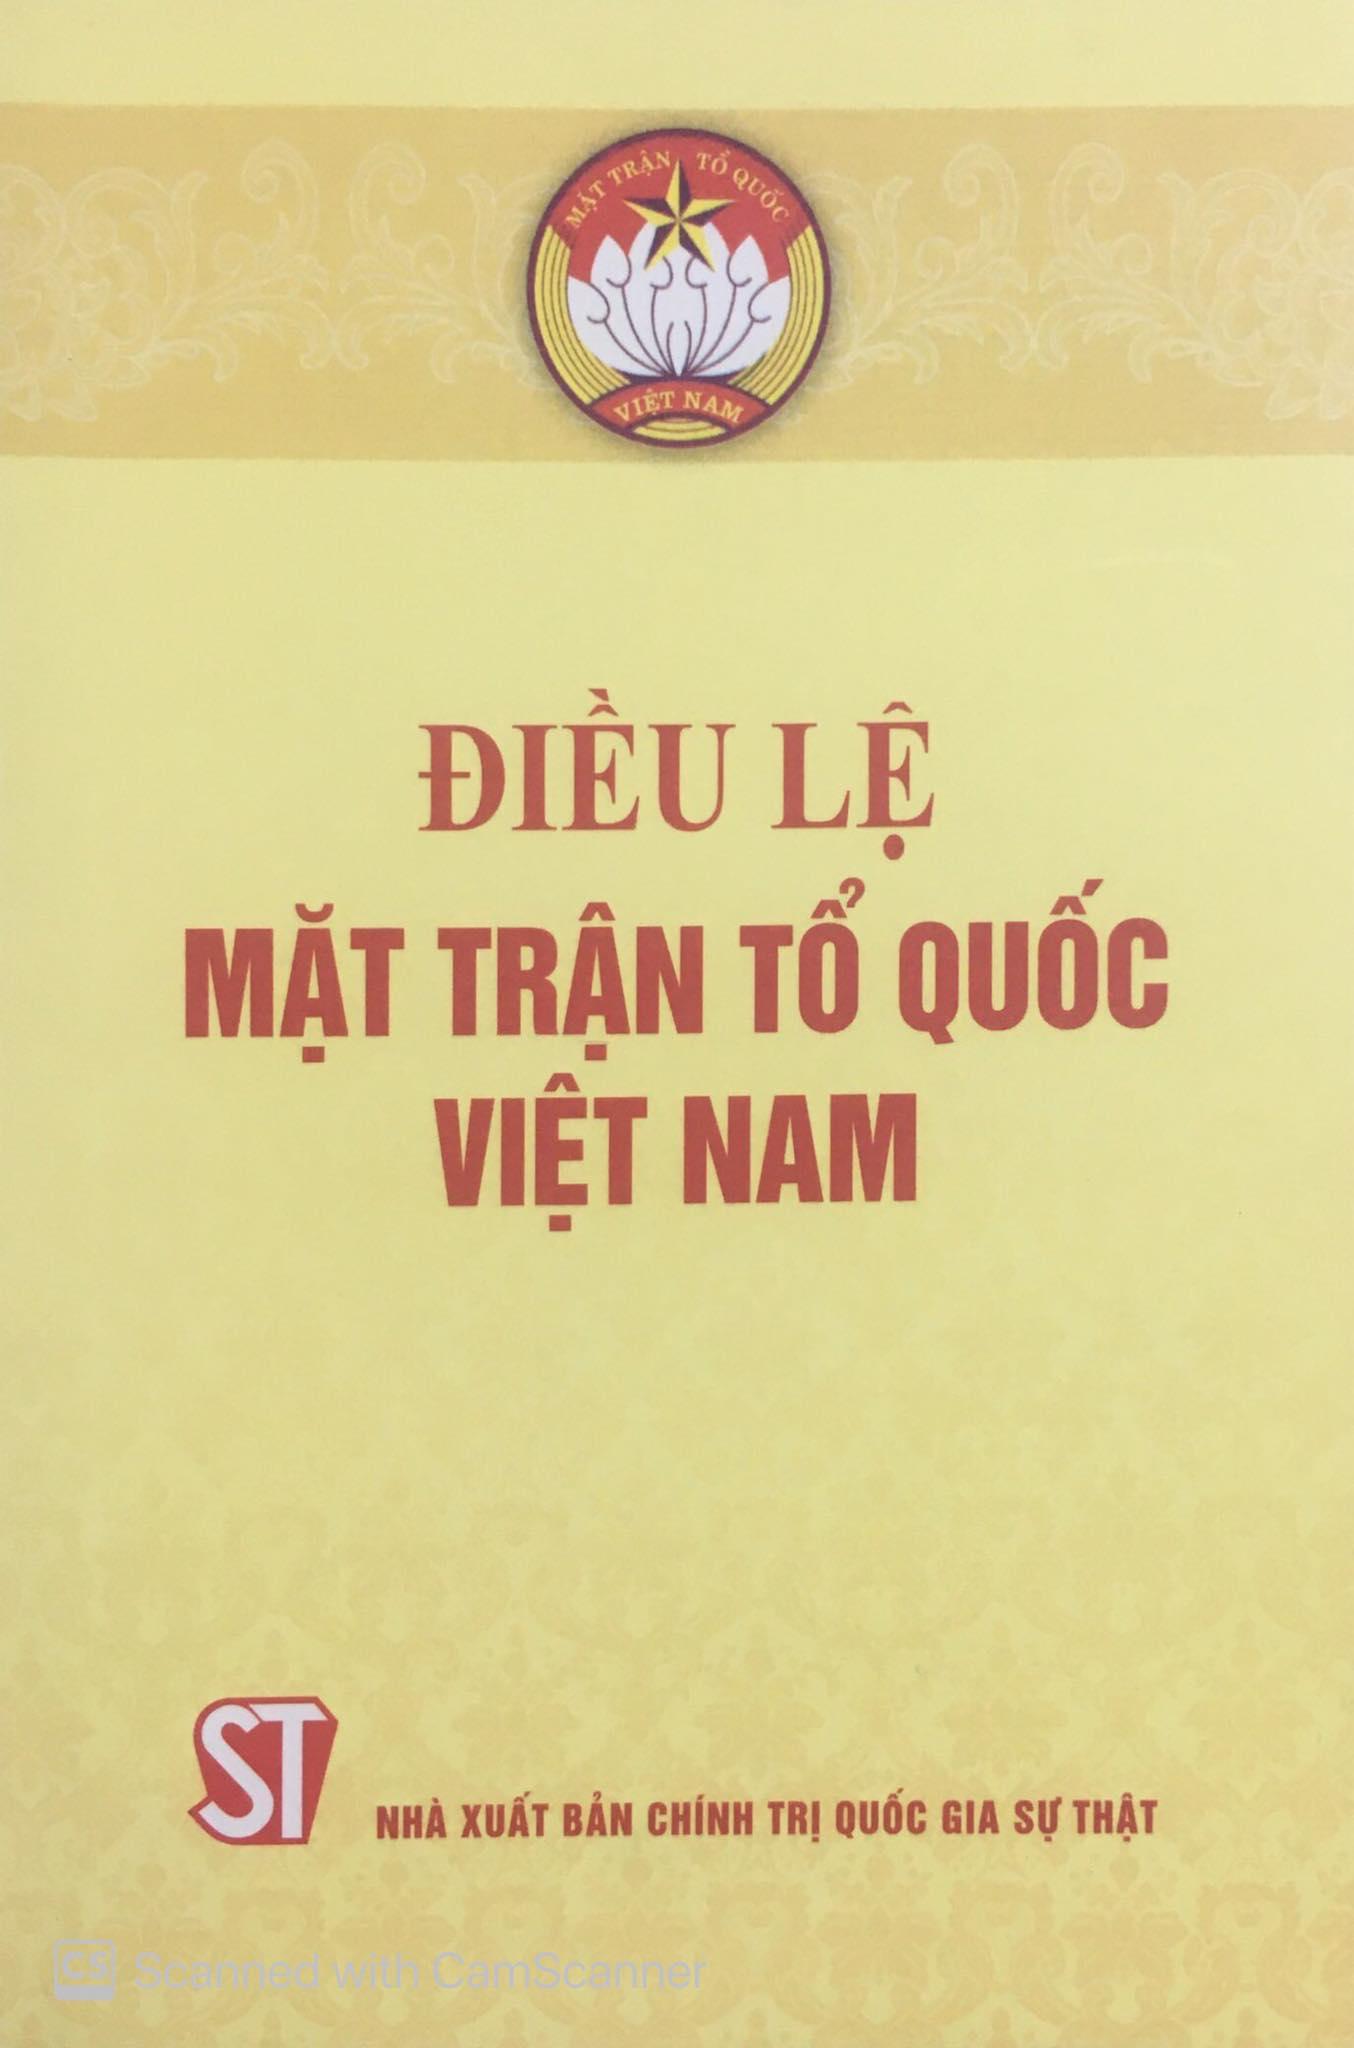 Điều lệ Mặt trận Tổ quốc Việt Nam